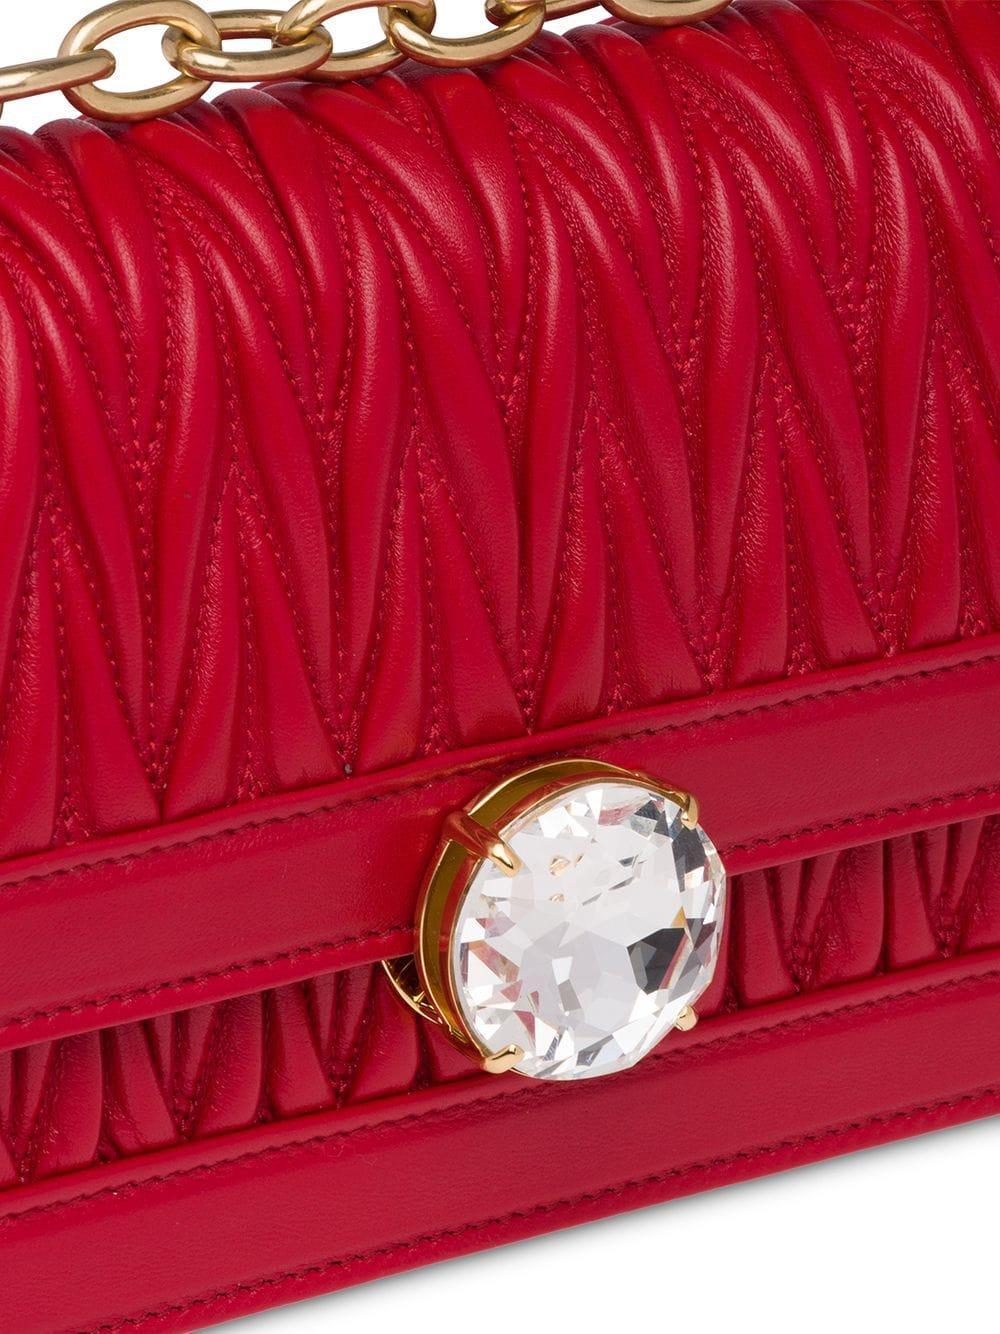 48120bc56b89d Miu Miu Miu Solitaire Matelassé Shoulder Bag in Red - Lyst